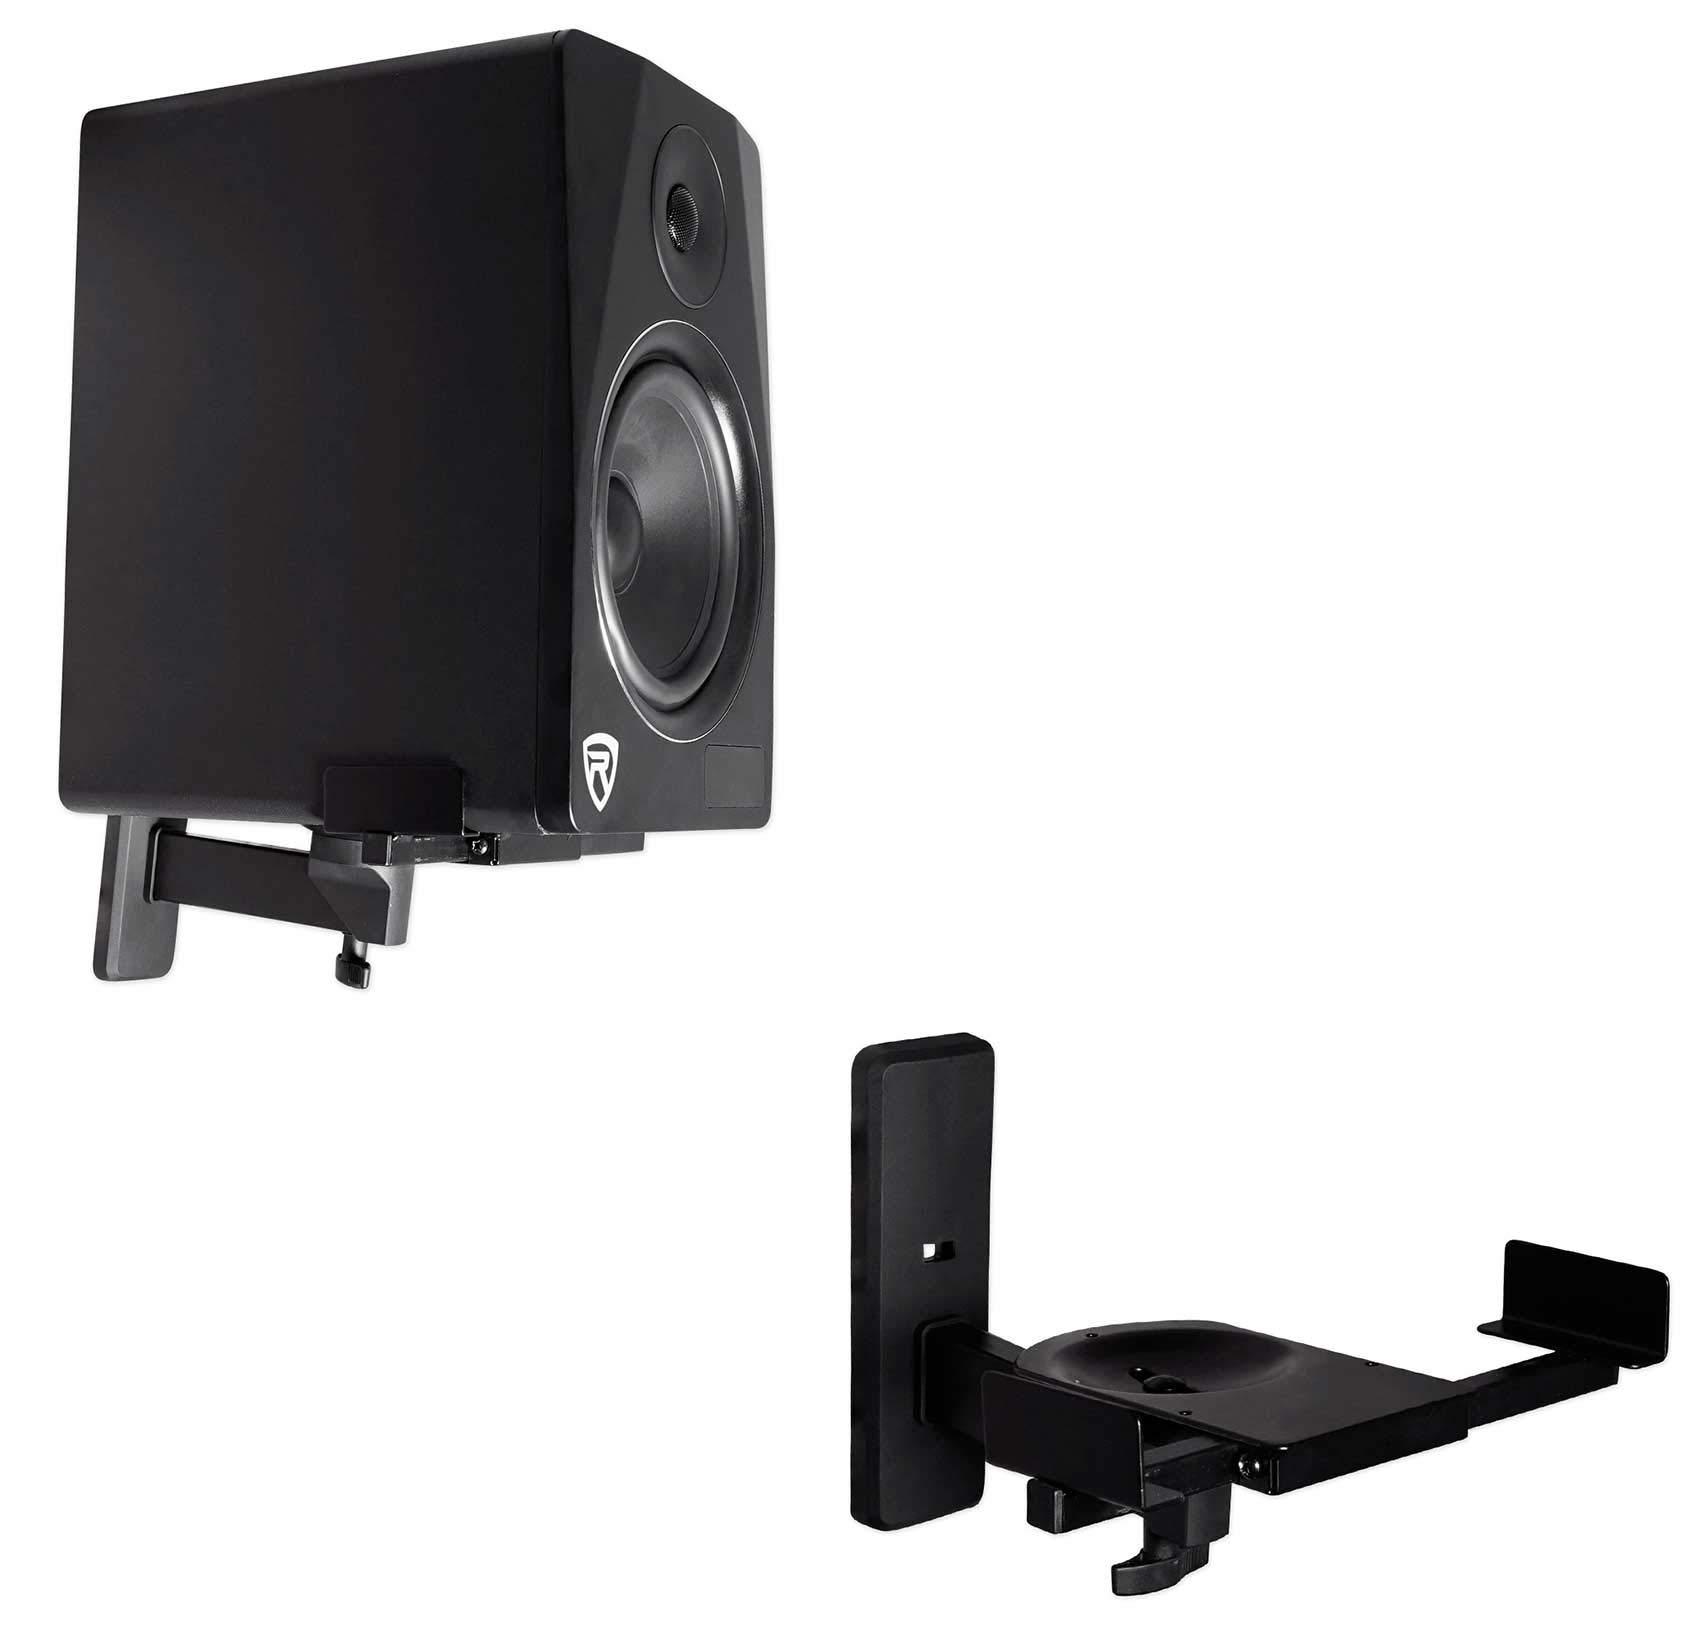 2 Rockville Wall Mount Swivel Brackets Mackie CR3 Studio Monitor Speakers